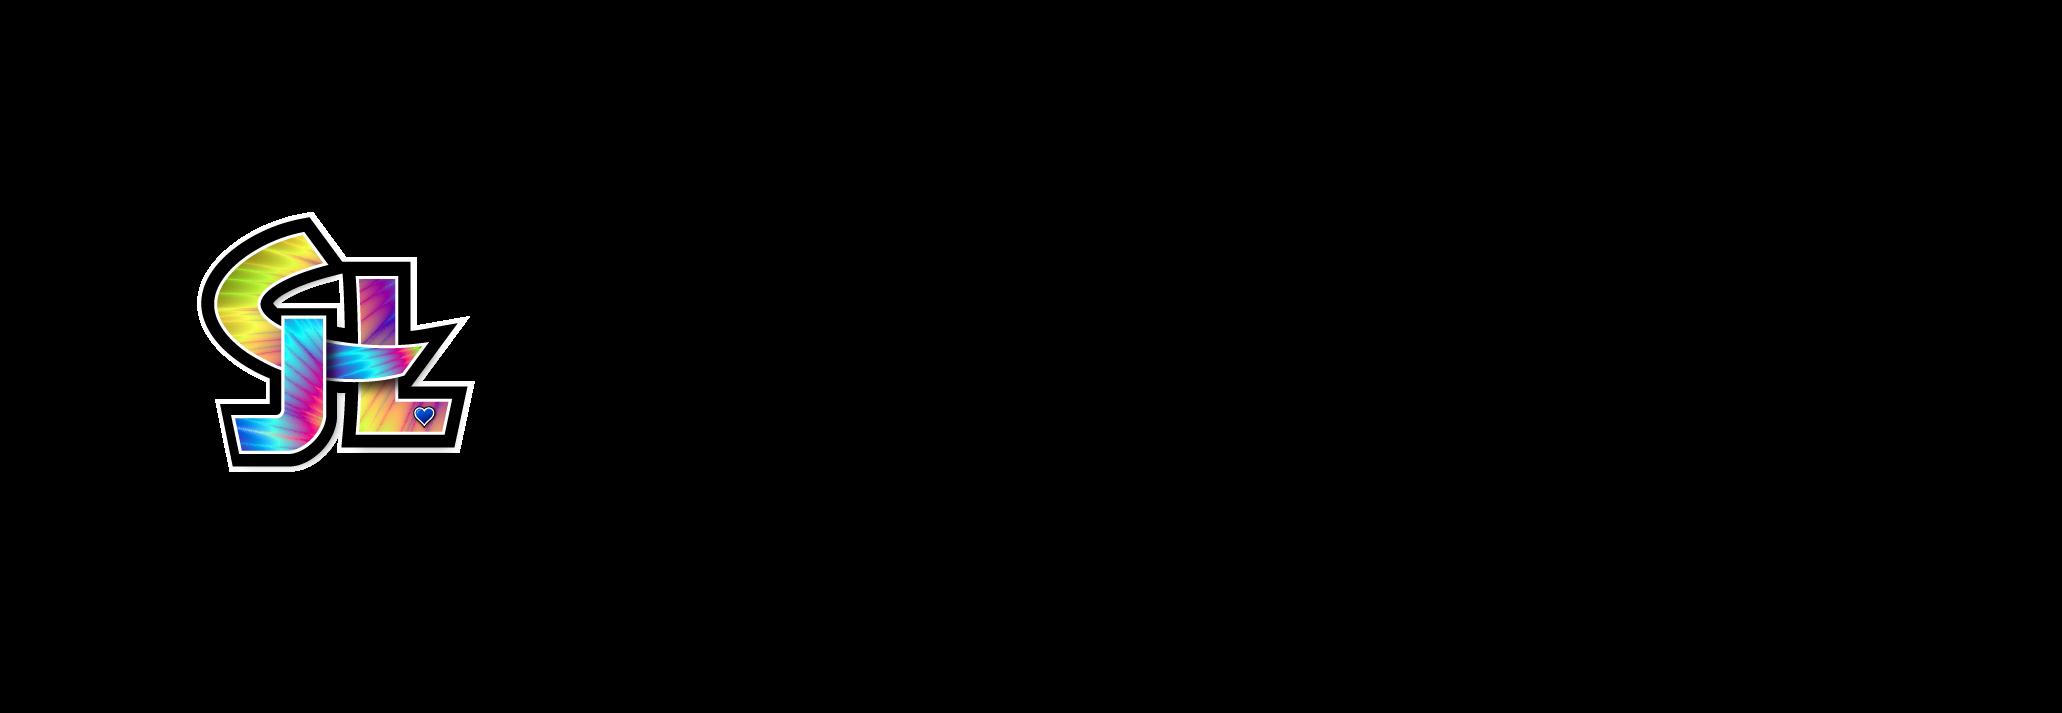 March_2018_LogoFinal